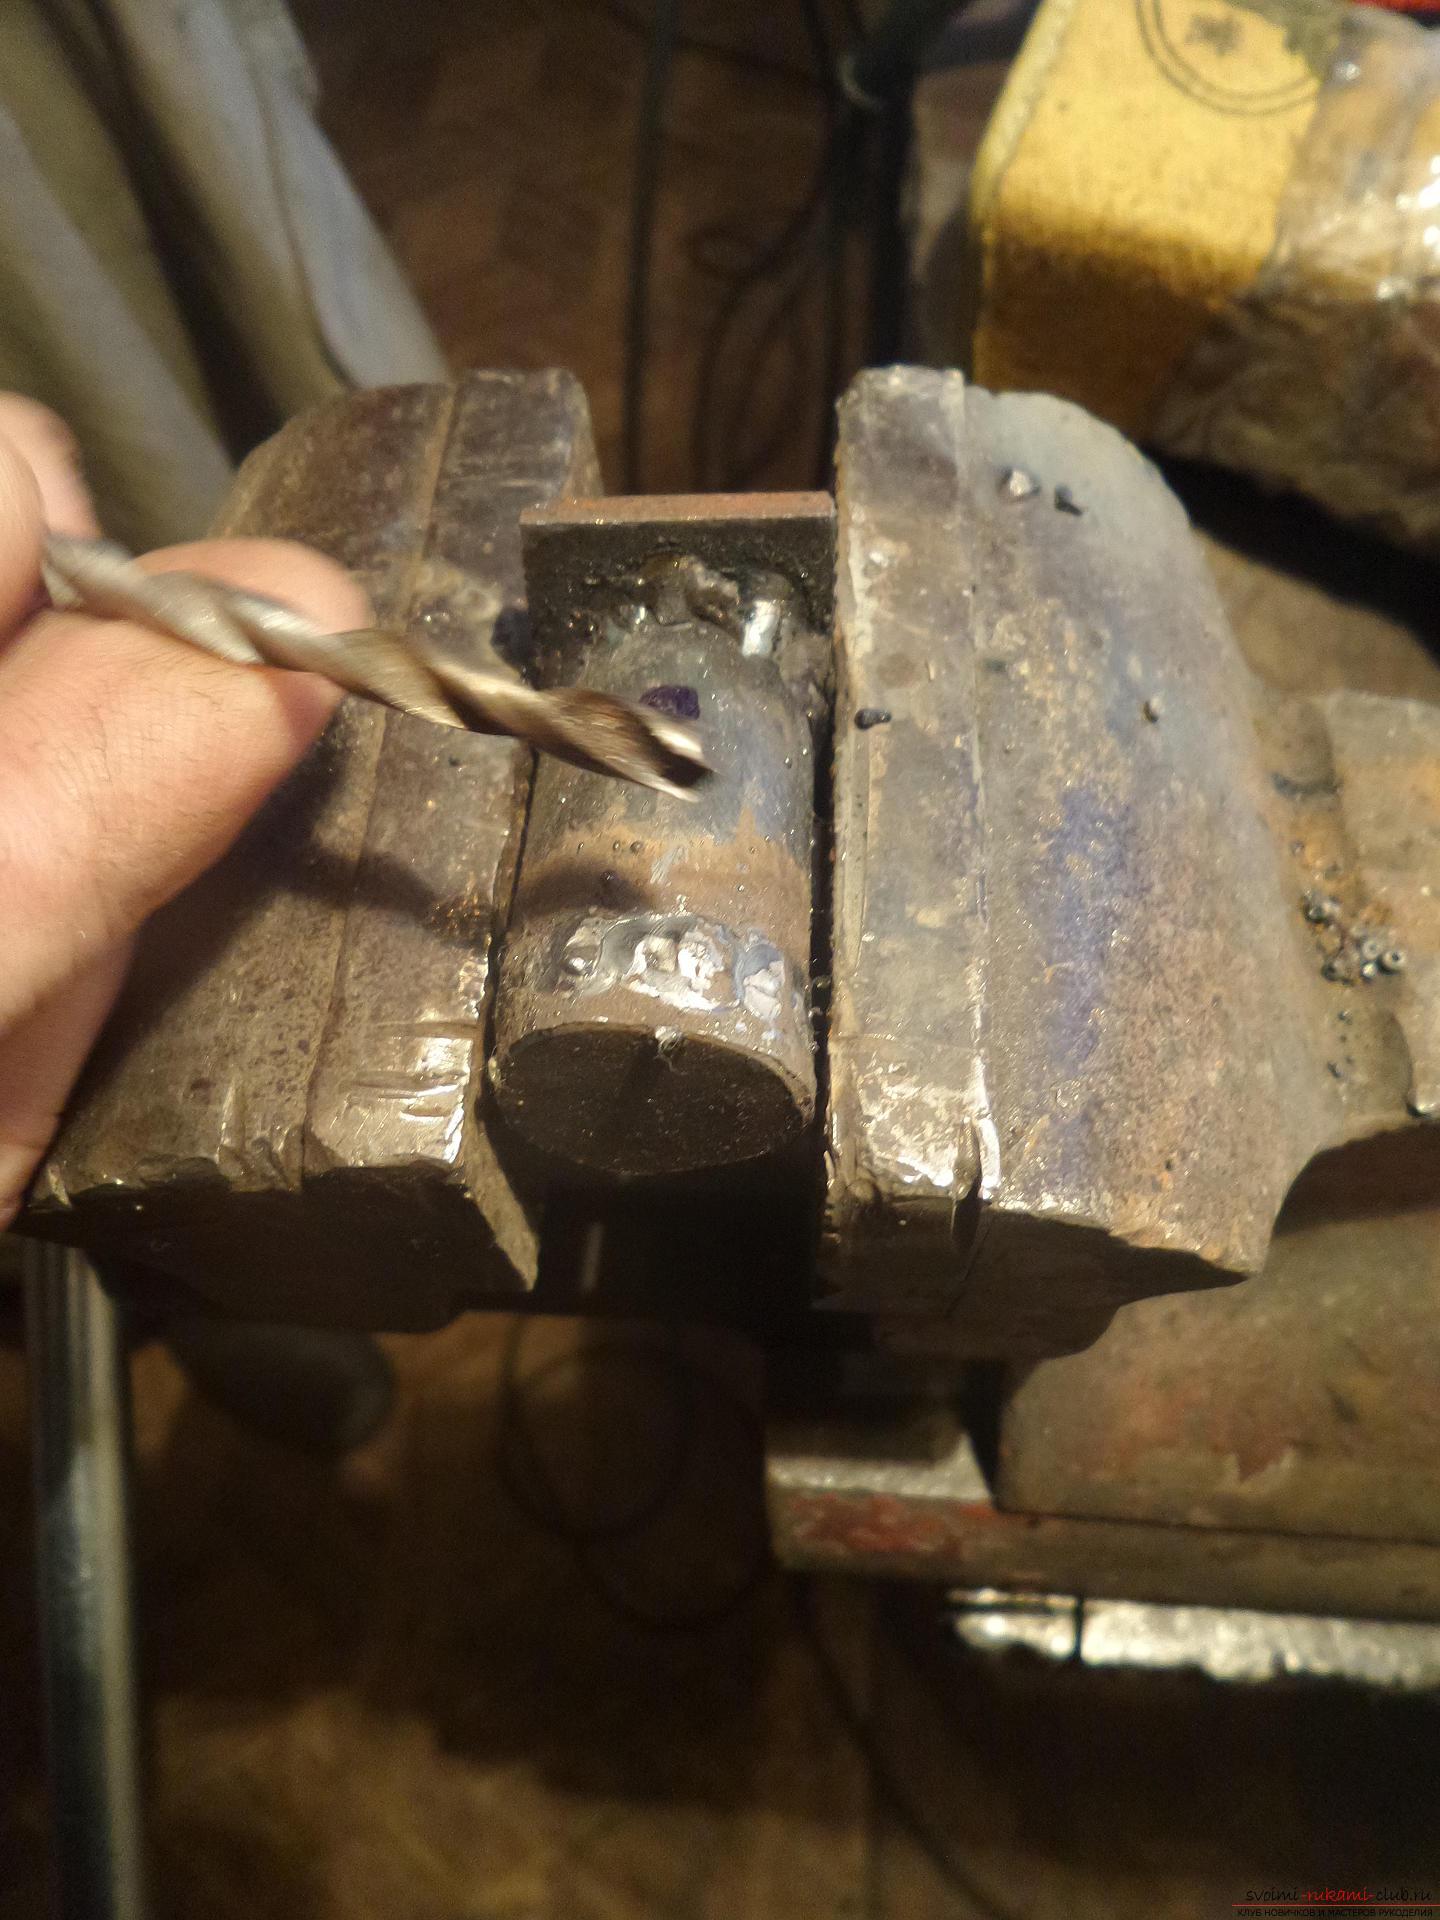 Этот мастер-класс научит как своими руками сделать необычный брелок для ключей - железный скворечник. Фото №15